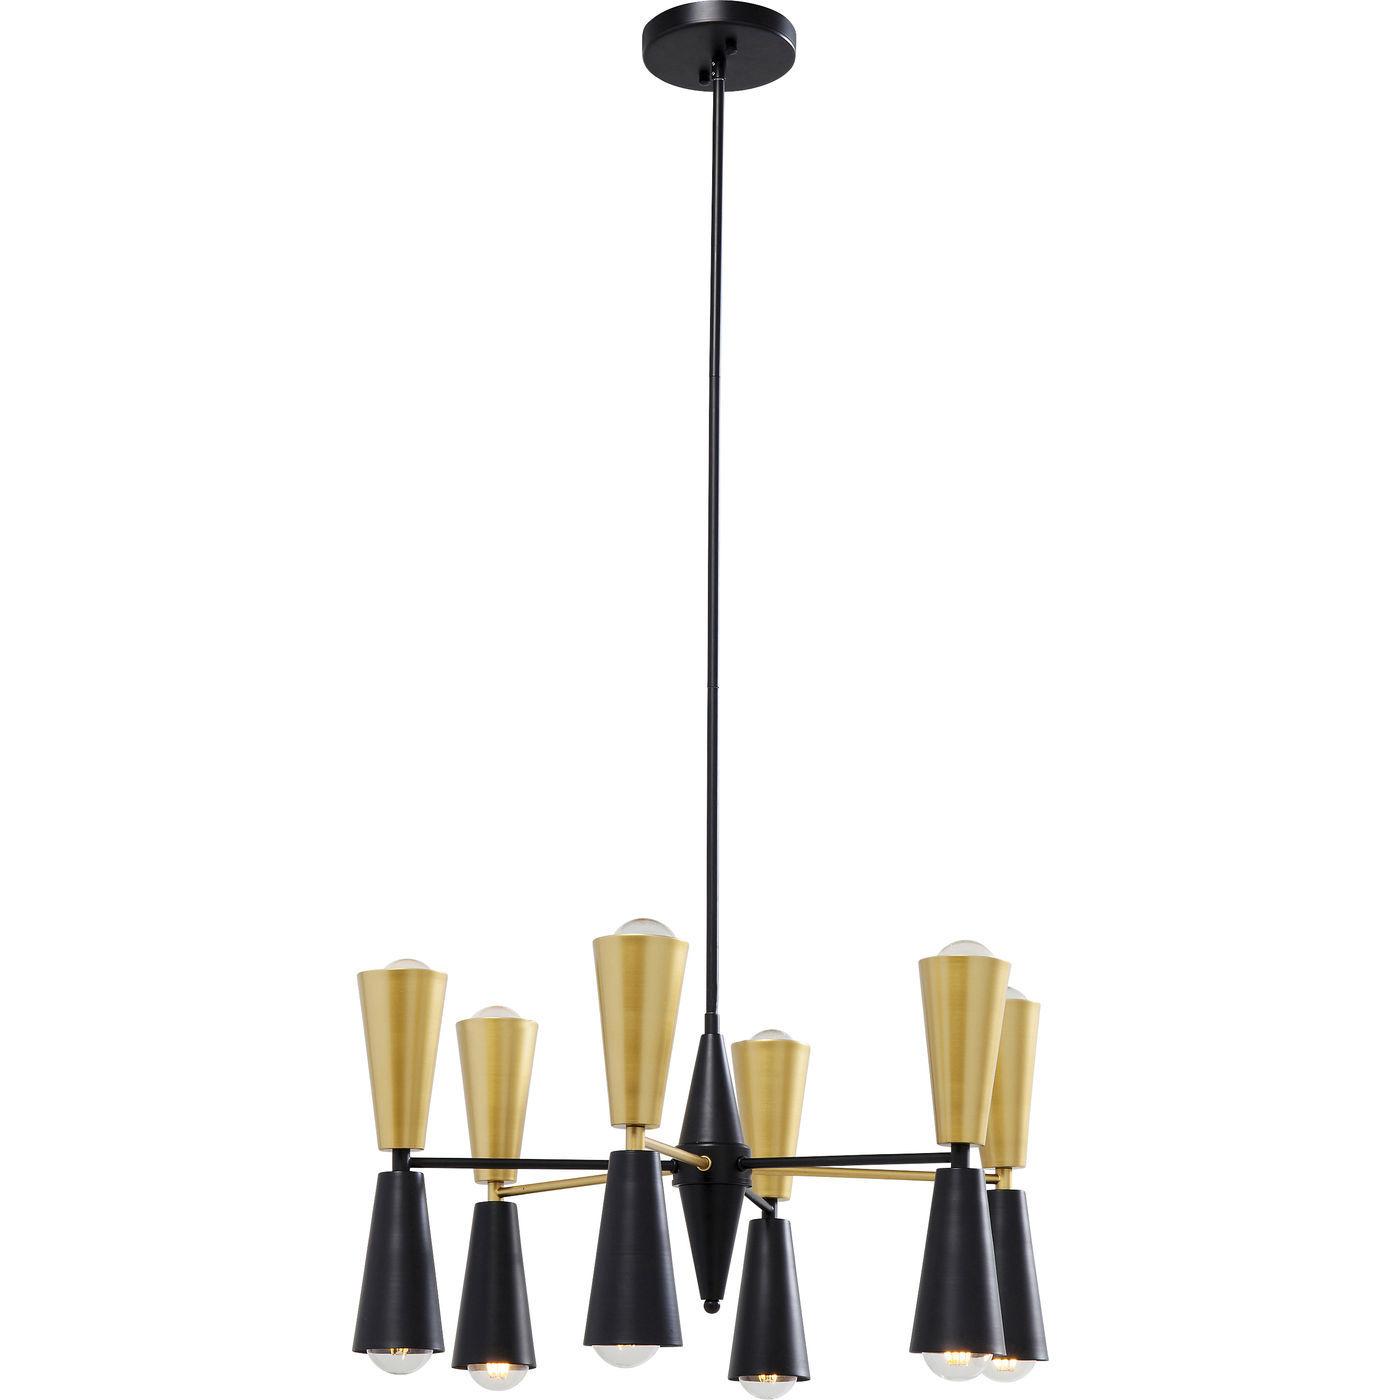 kare design Kare design torch 12 lights loftlampe - guld/sort stål på boboonline.dk